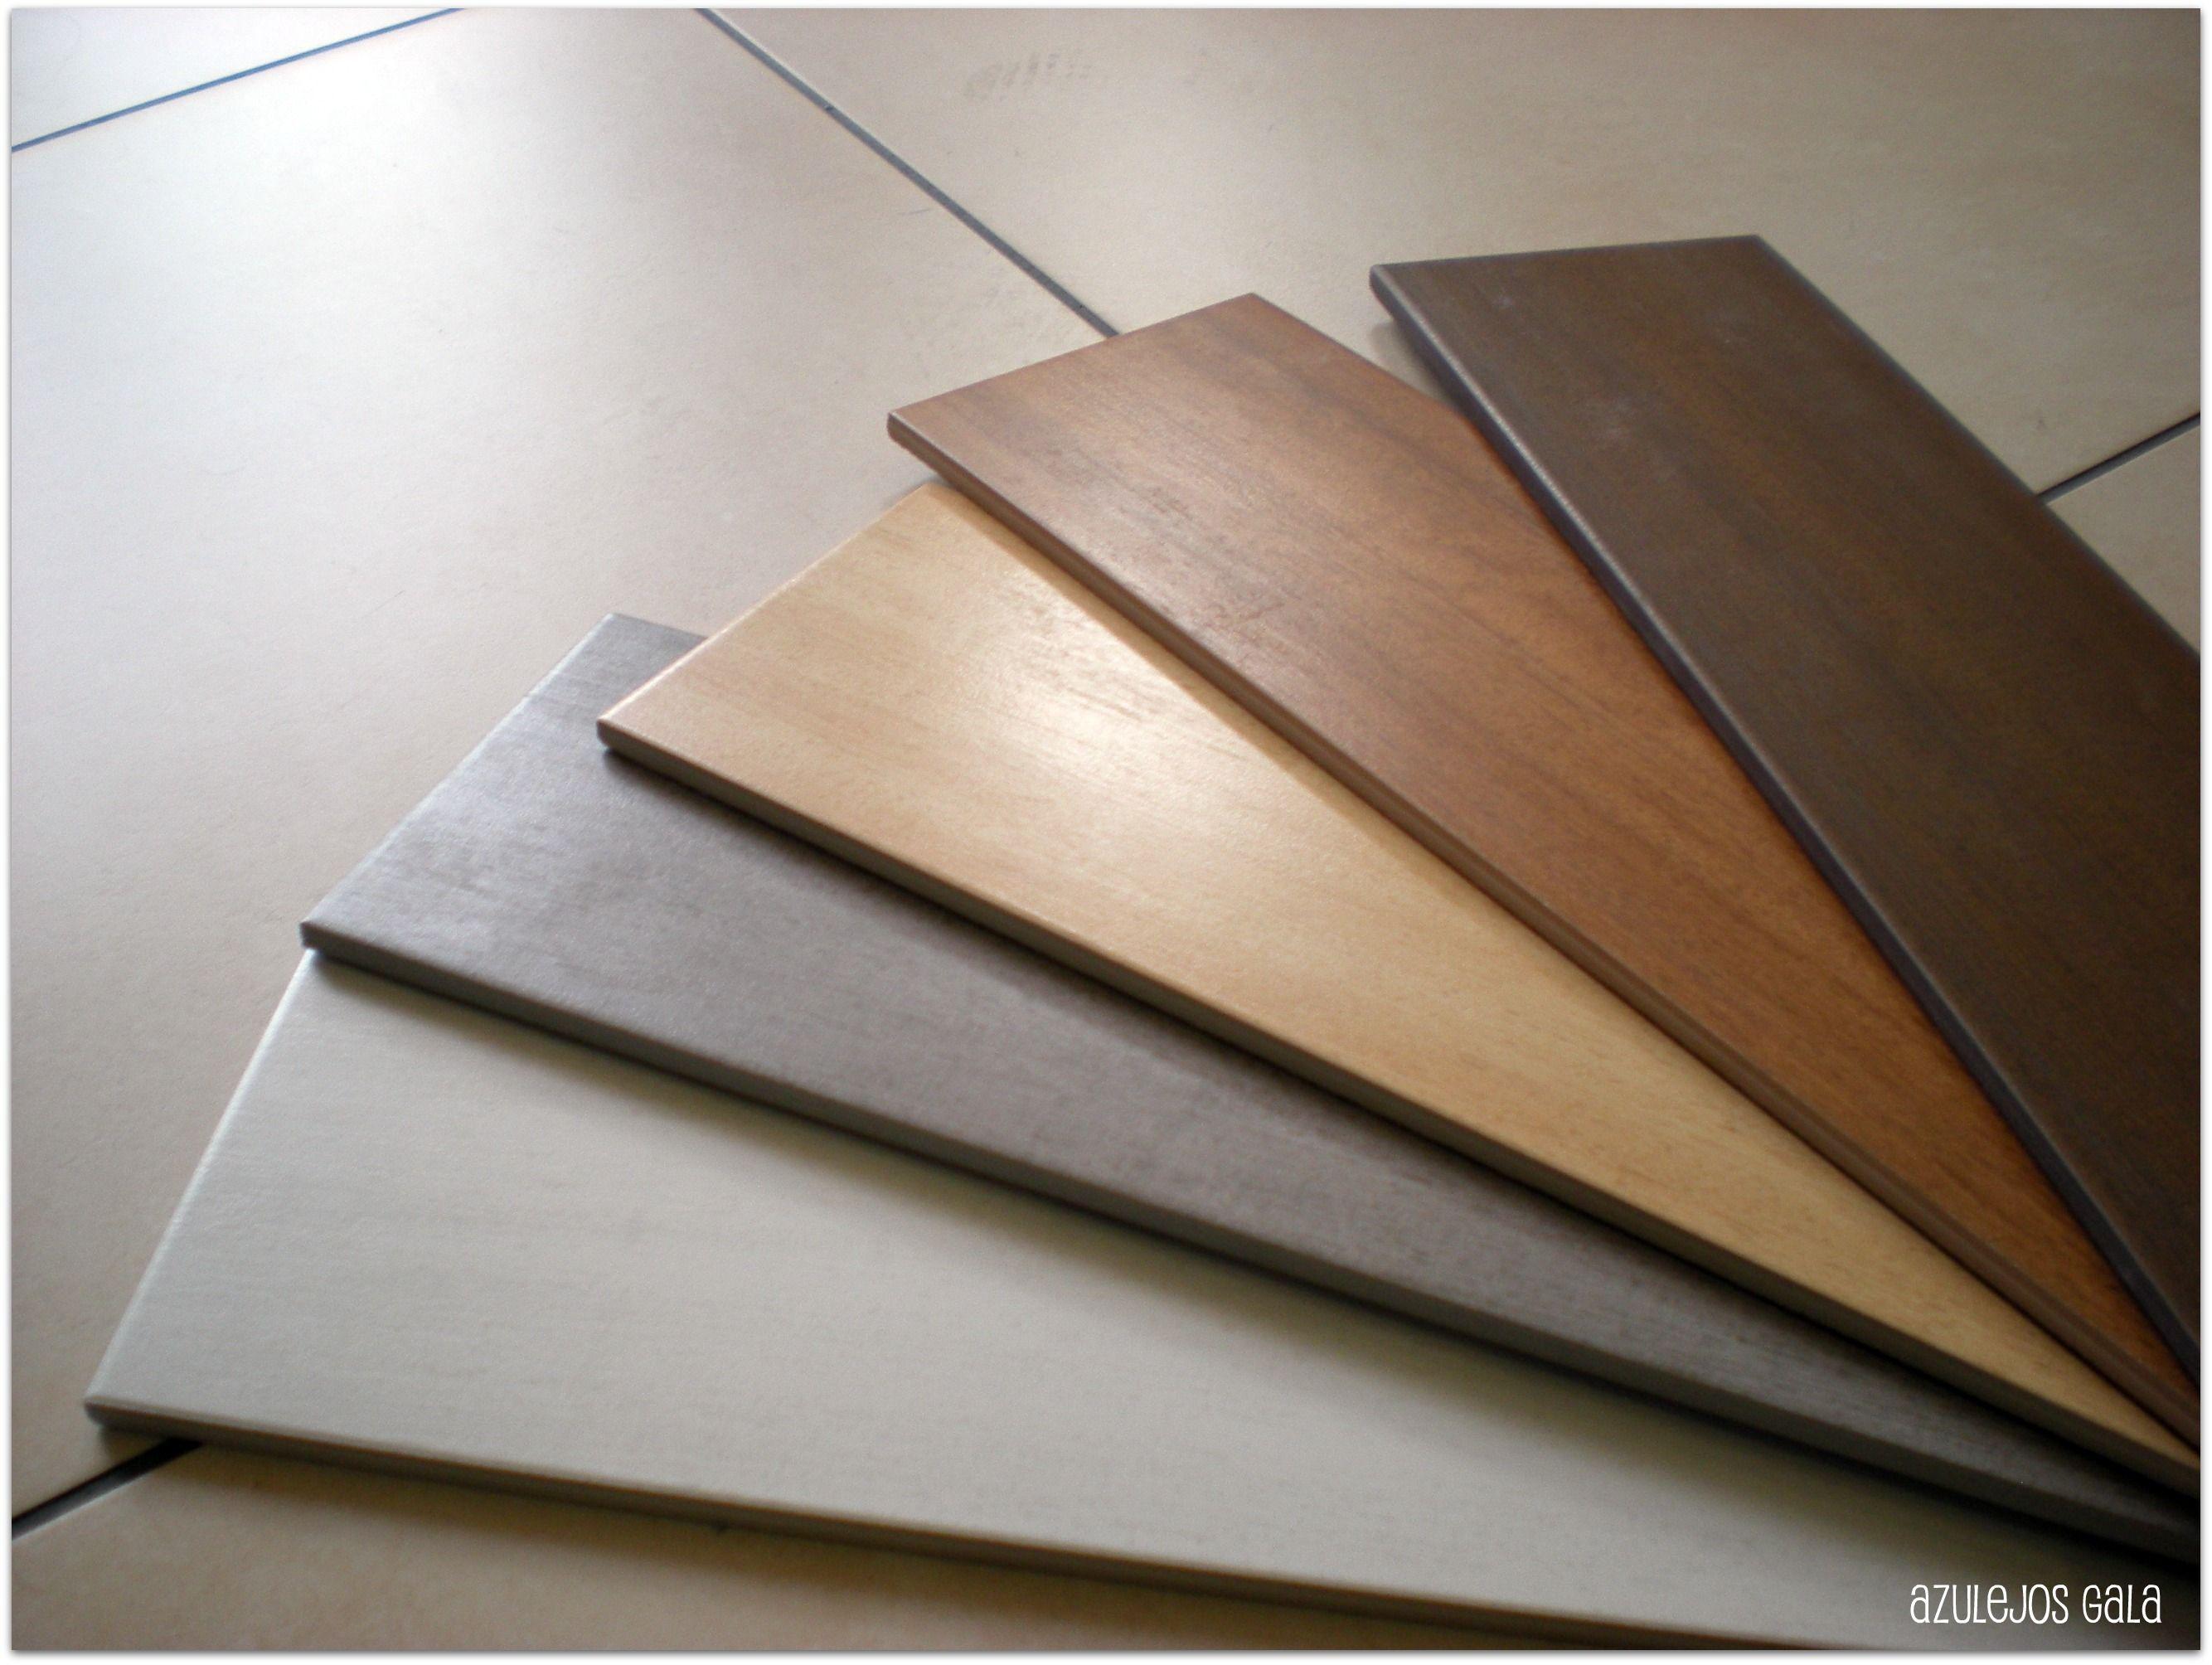 Suelos porcel nicos que imitan madera pisos suelo for Suelo porcelanico imitacion madera barato